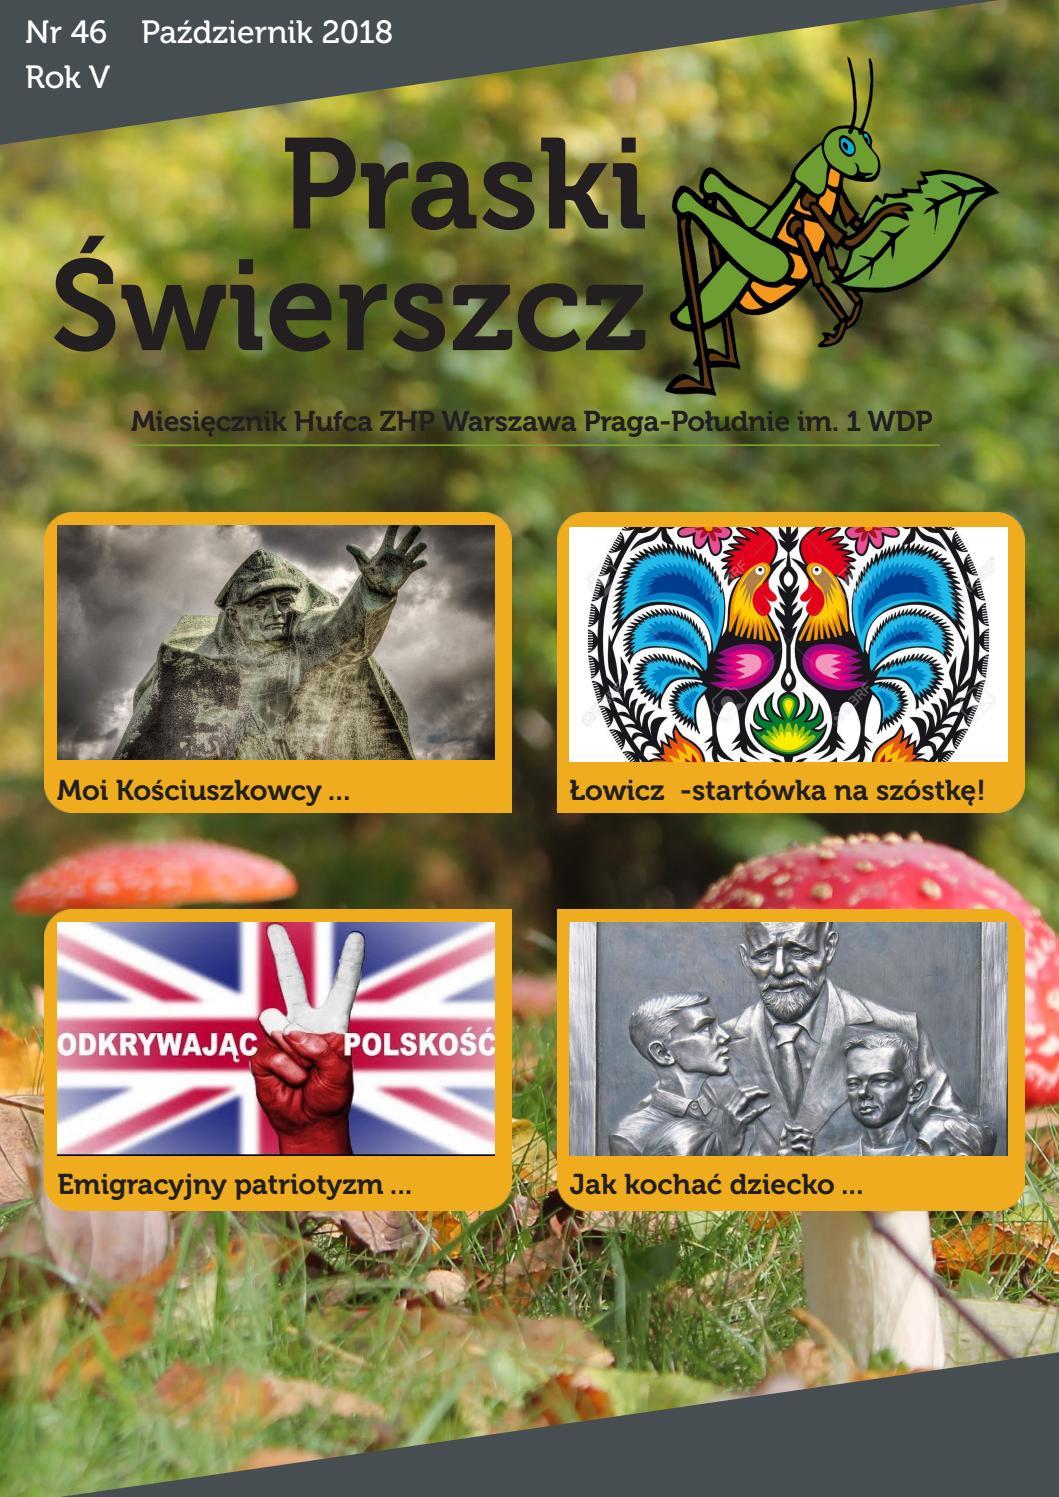 Praski świerszcz Nr 46 By Zhp Praga Południe Issuu